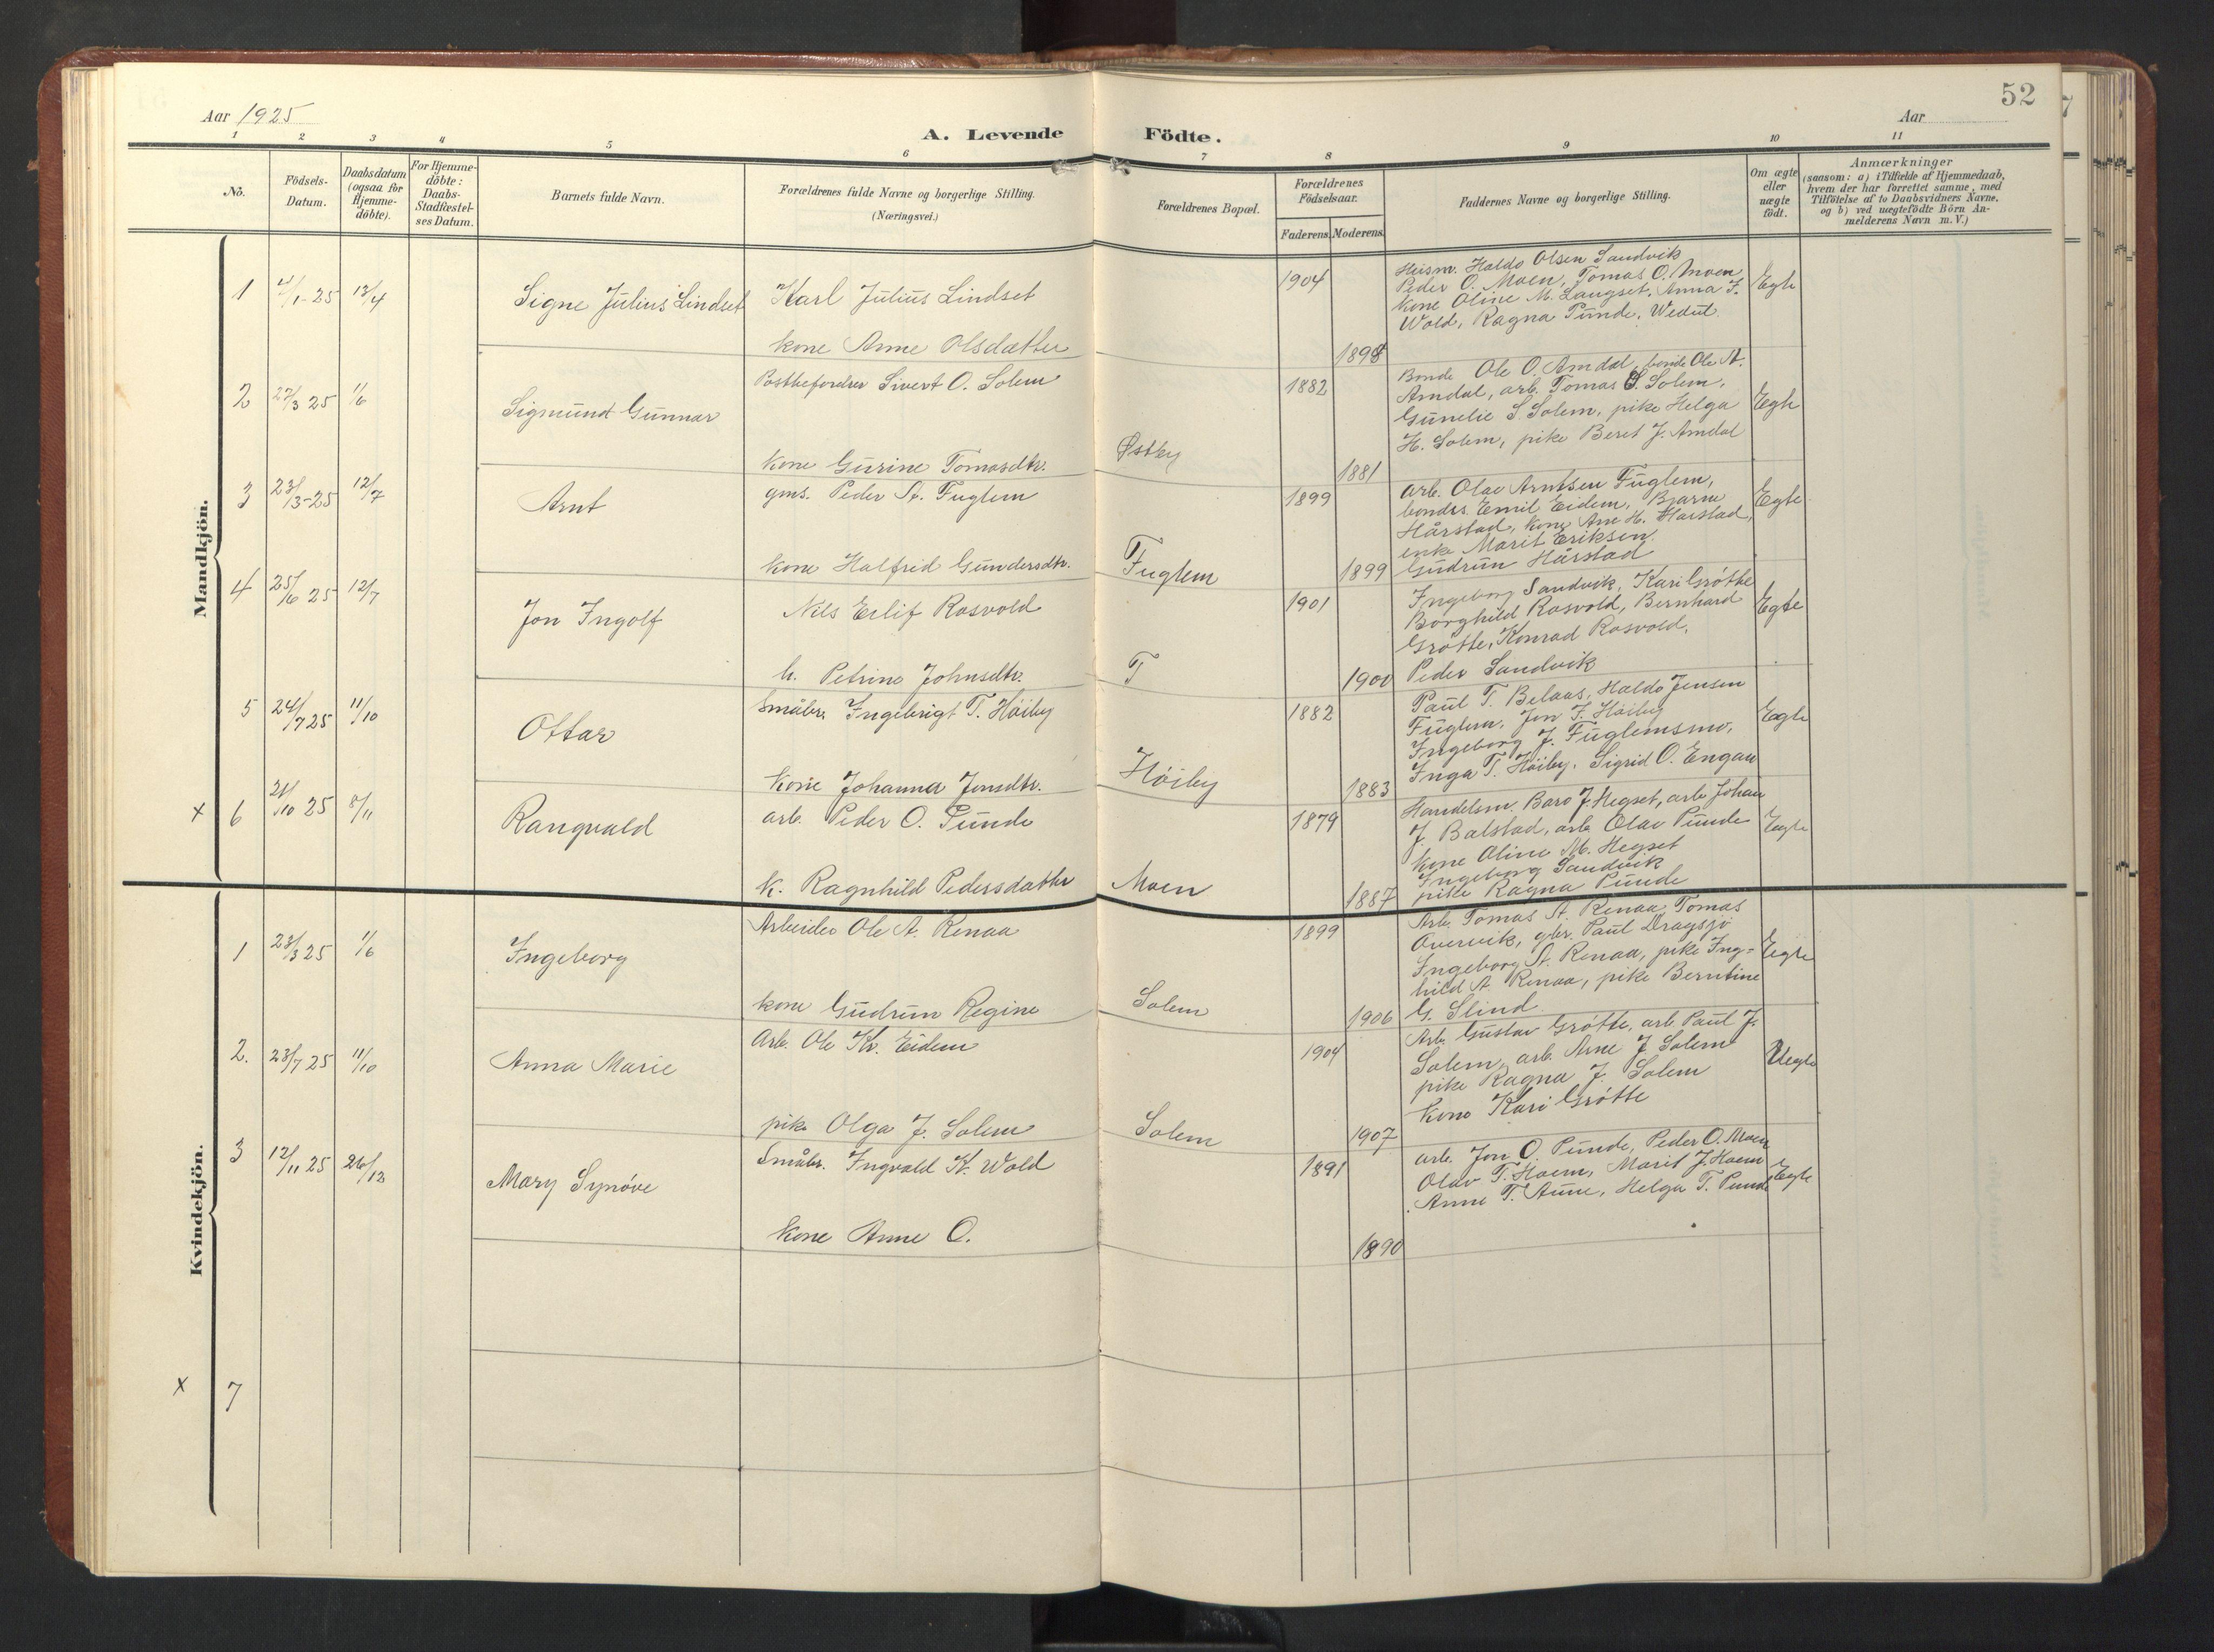 SAT, Ministerialprotokoller, klokkerbøker og fødselsregistre - Sør-Trøndelag, 696/L1161: Klokkerbok nr. 696C01, 1902-1950, s. 52